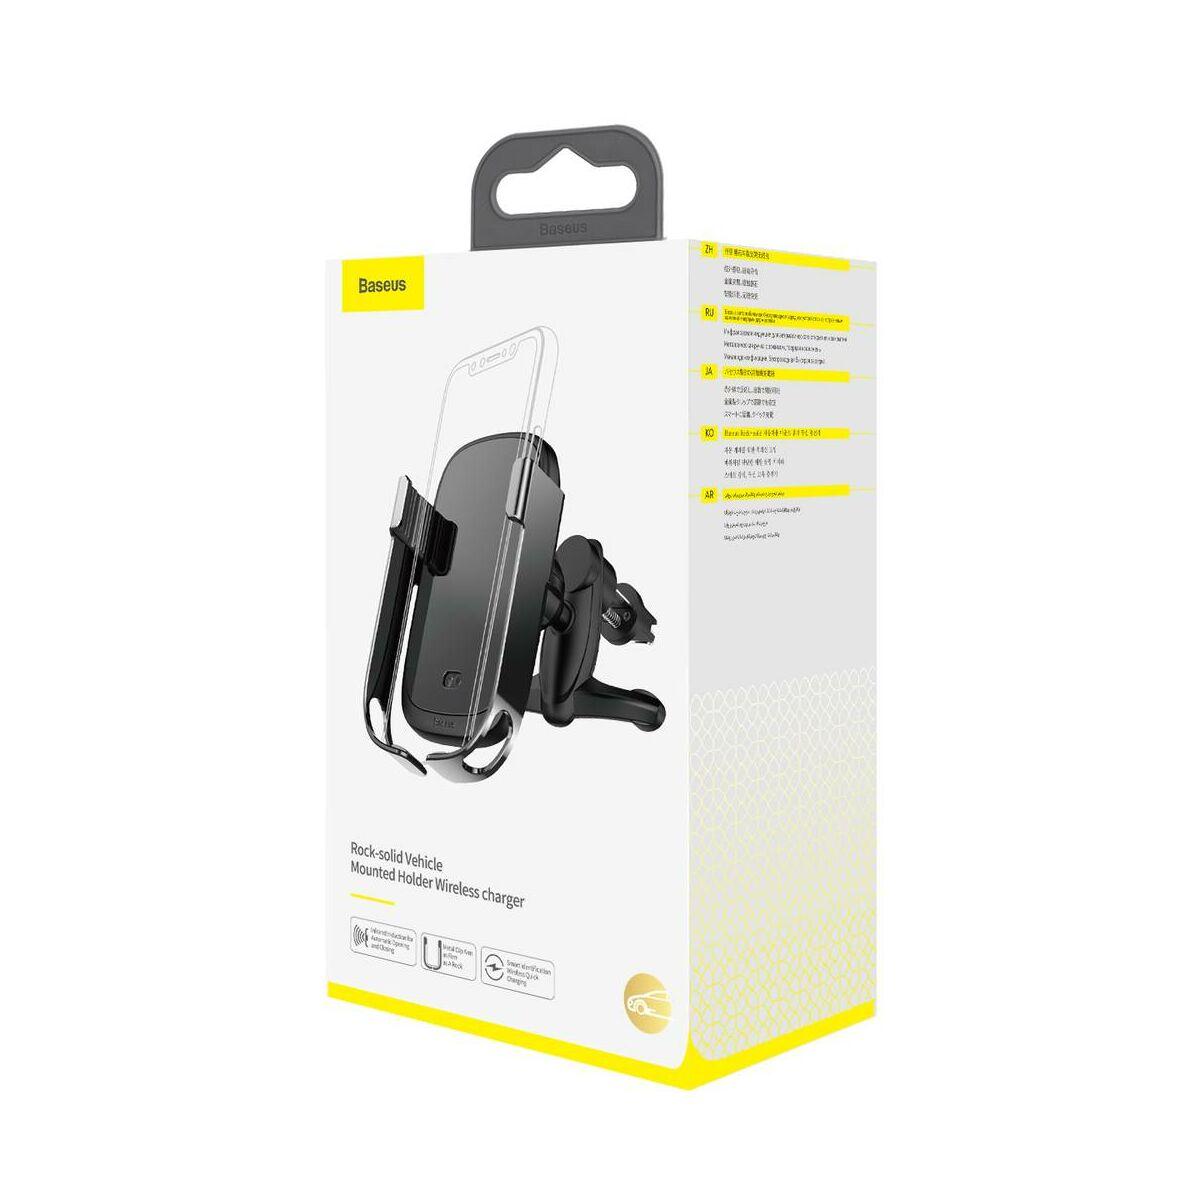 Baseus autós telefontartó, Rock-solid Electric Holder, szenzoros nyitás, vezeték nélküli töltés, 10W, fekete (WXHW01-01)